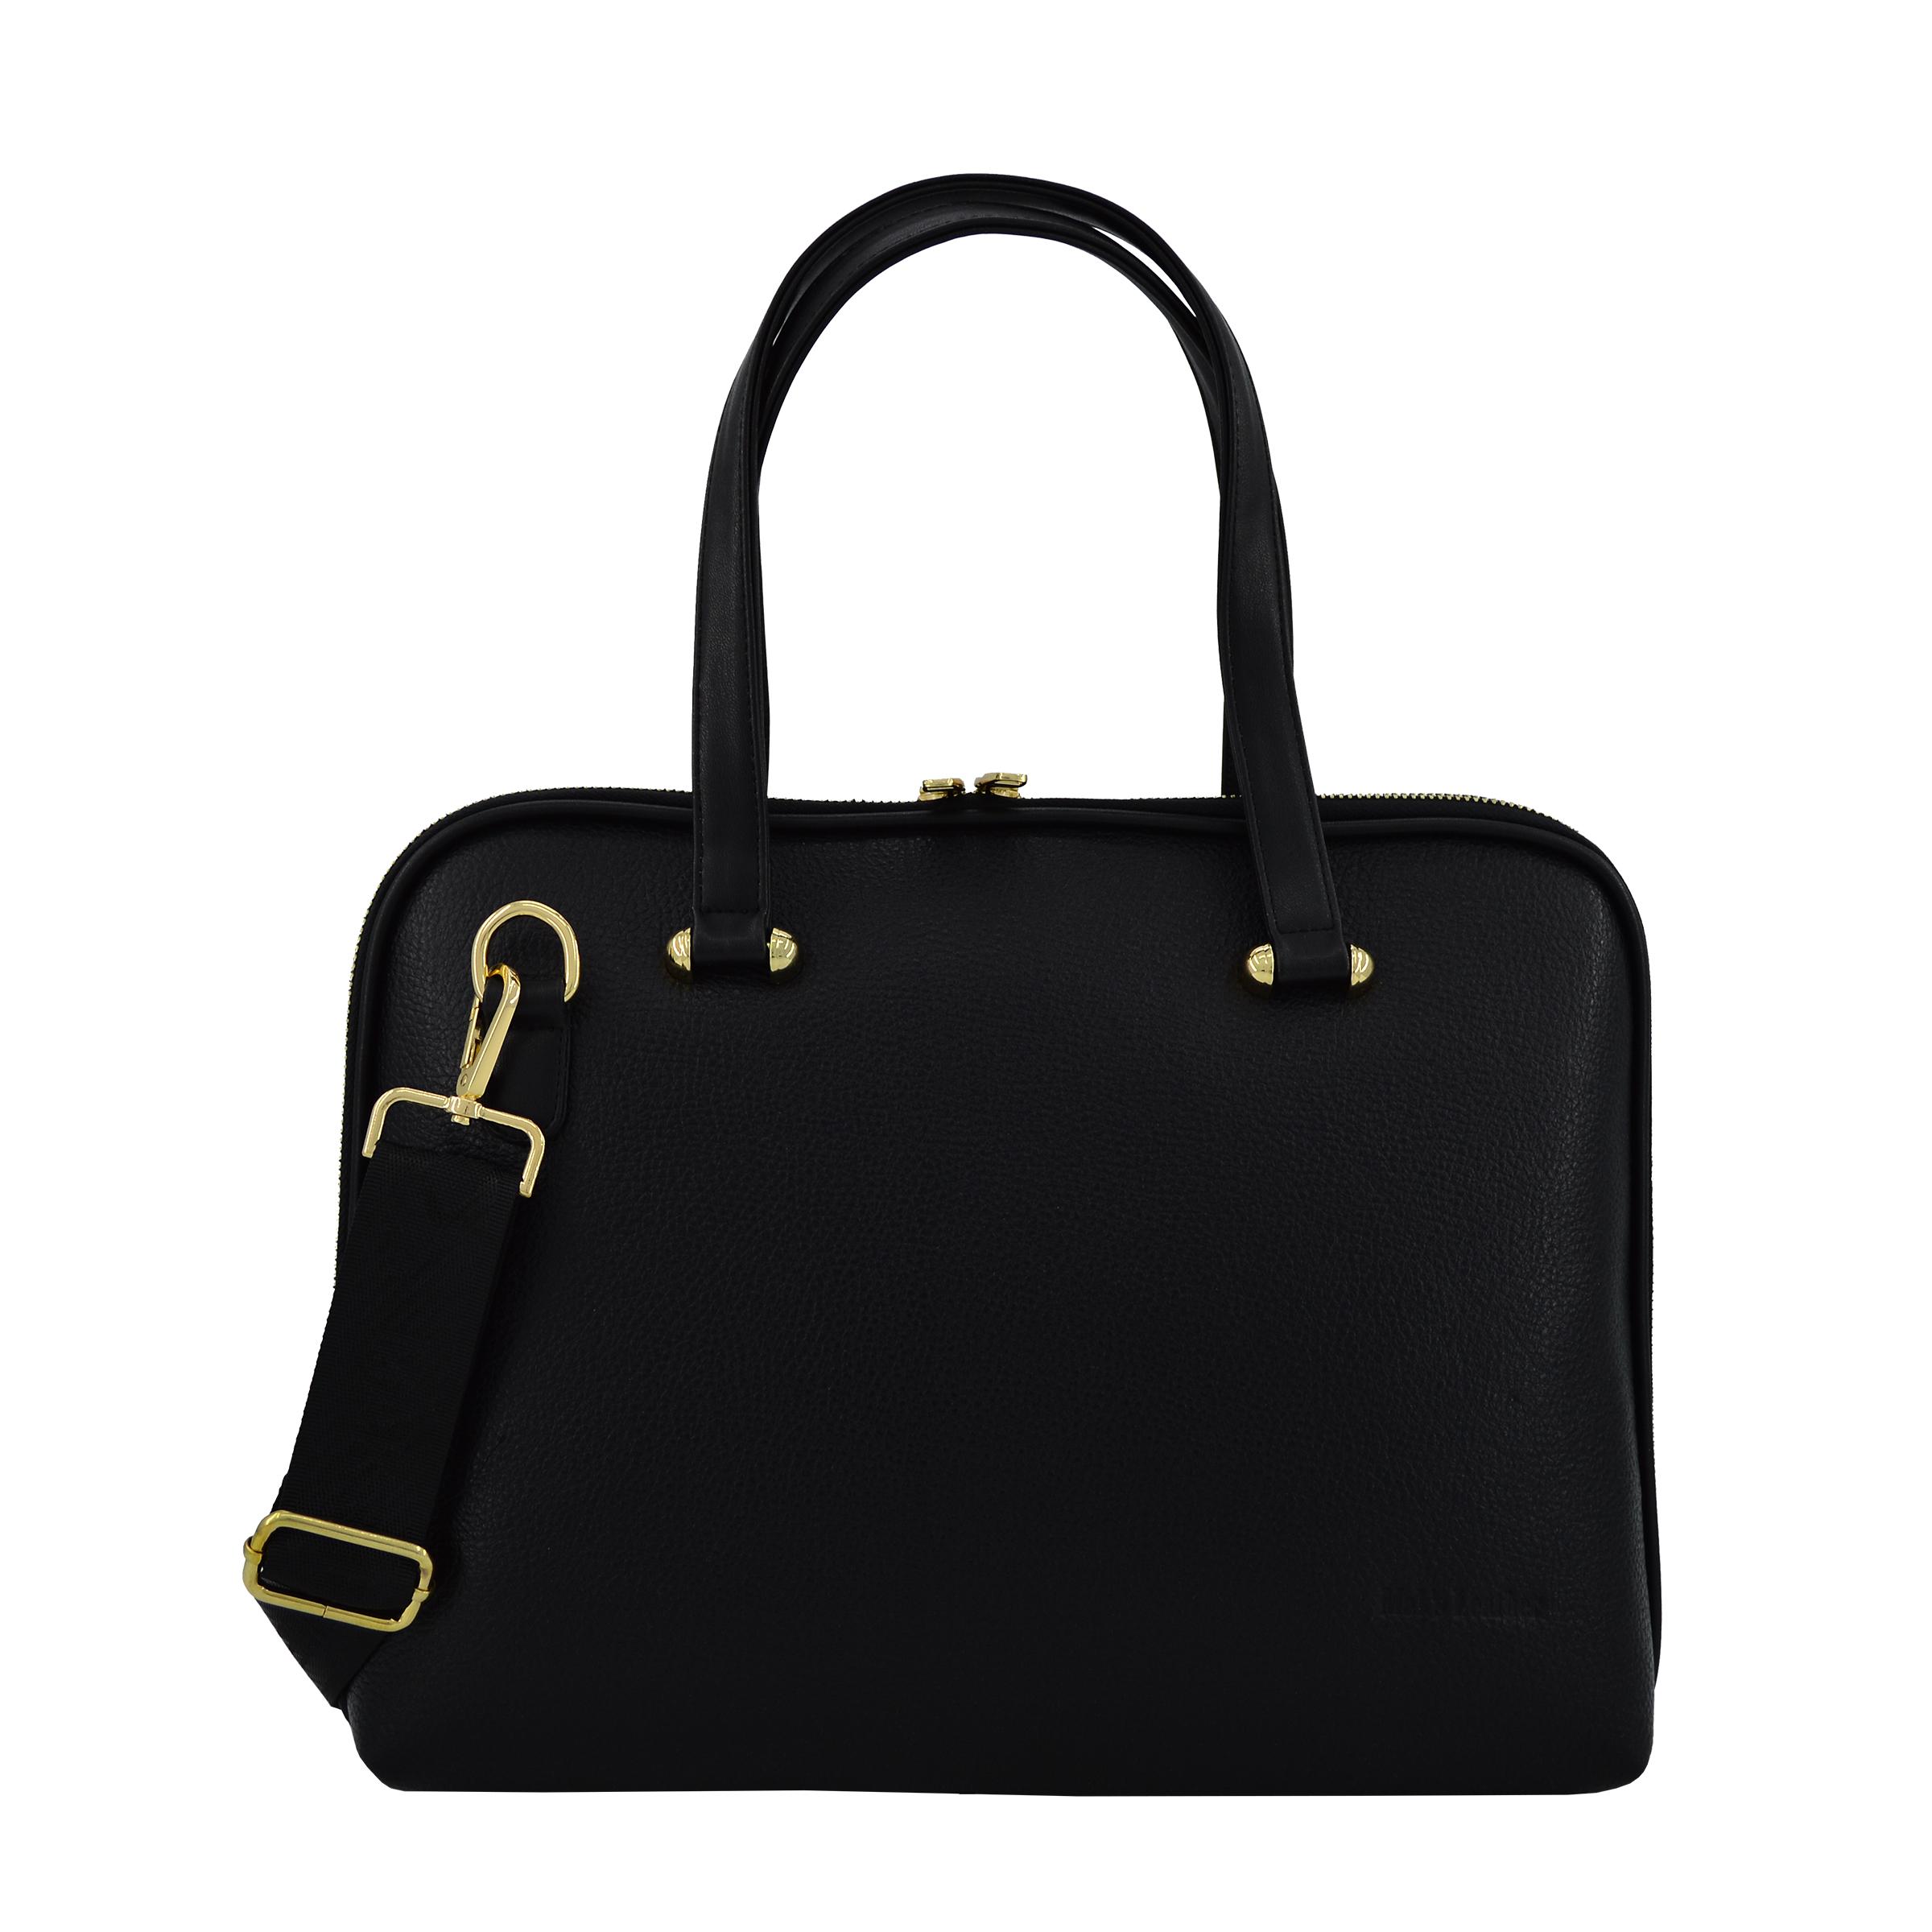 کیف دستی زنانه چرم مکس مدل آلدورا 12501